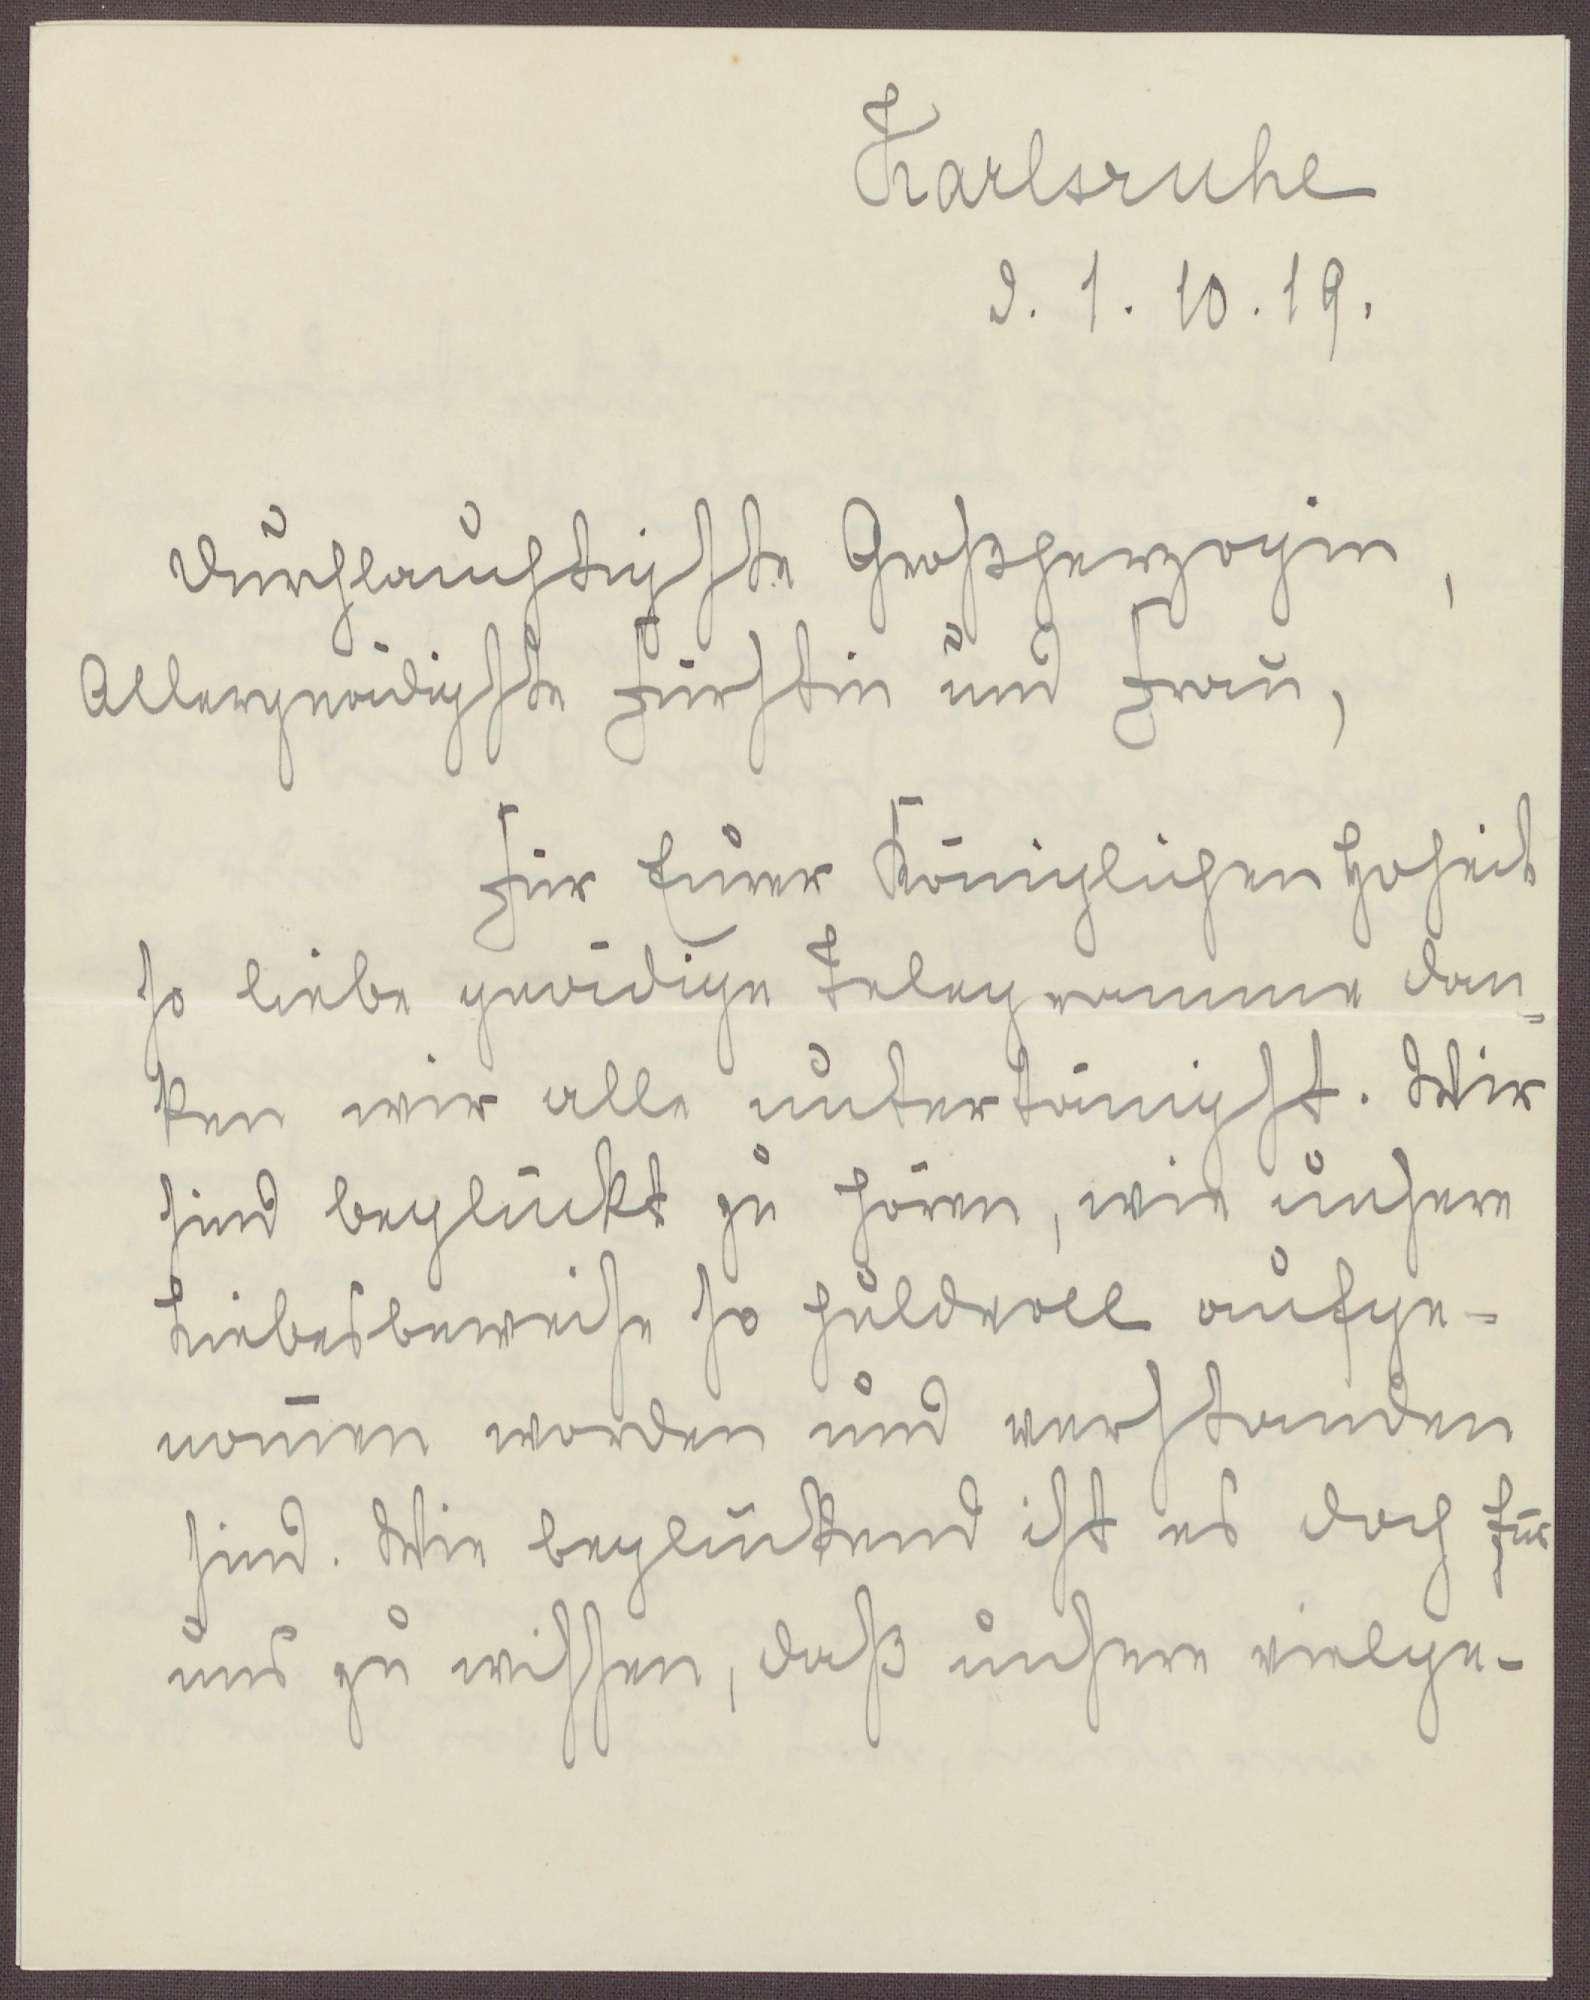 Schreiben von Emilie Göler von Ravensburg an Großherzogin Luise; Erinnerungen an Treffen mit der Großherzogin auf der Insel Mainau, Bild 1